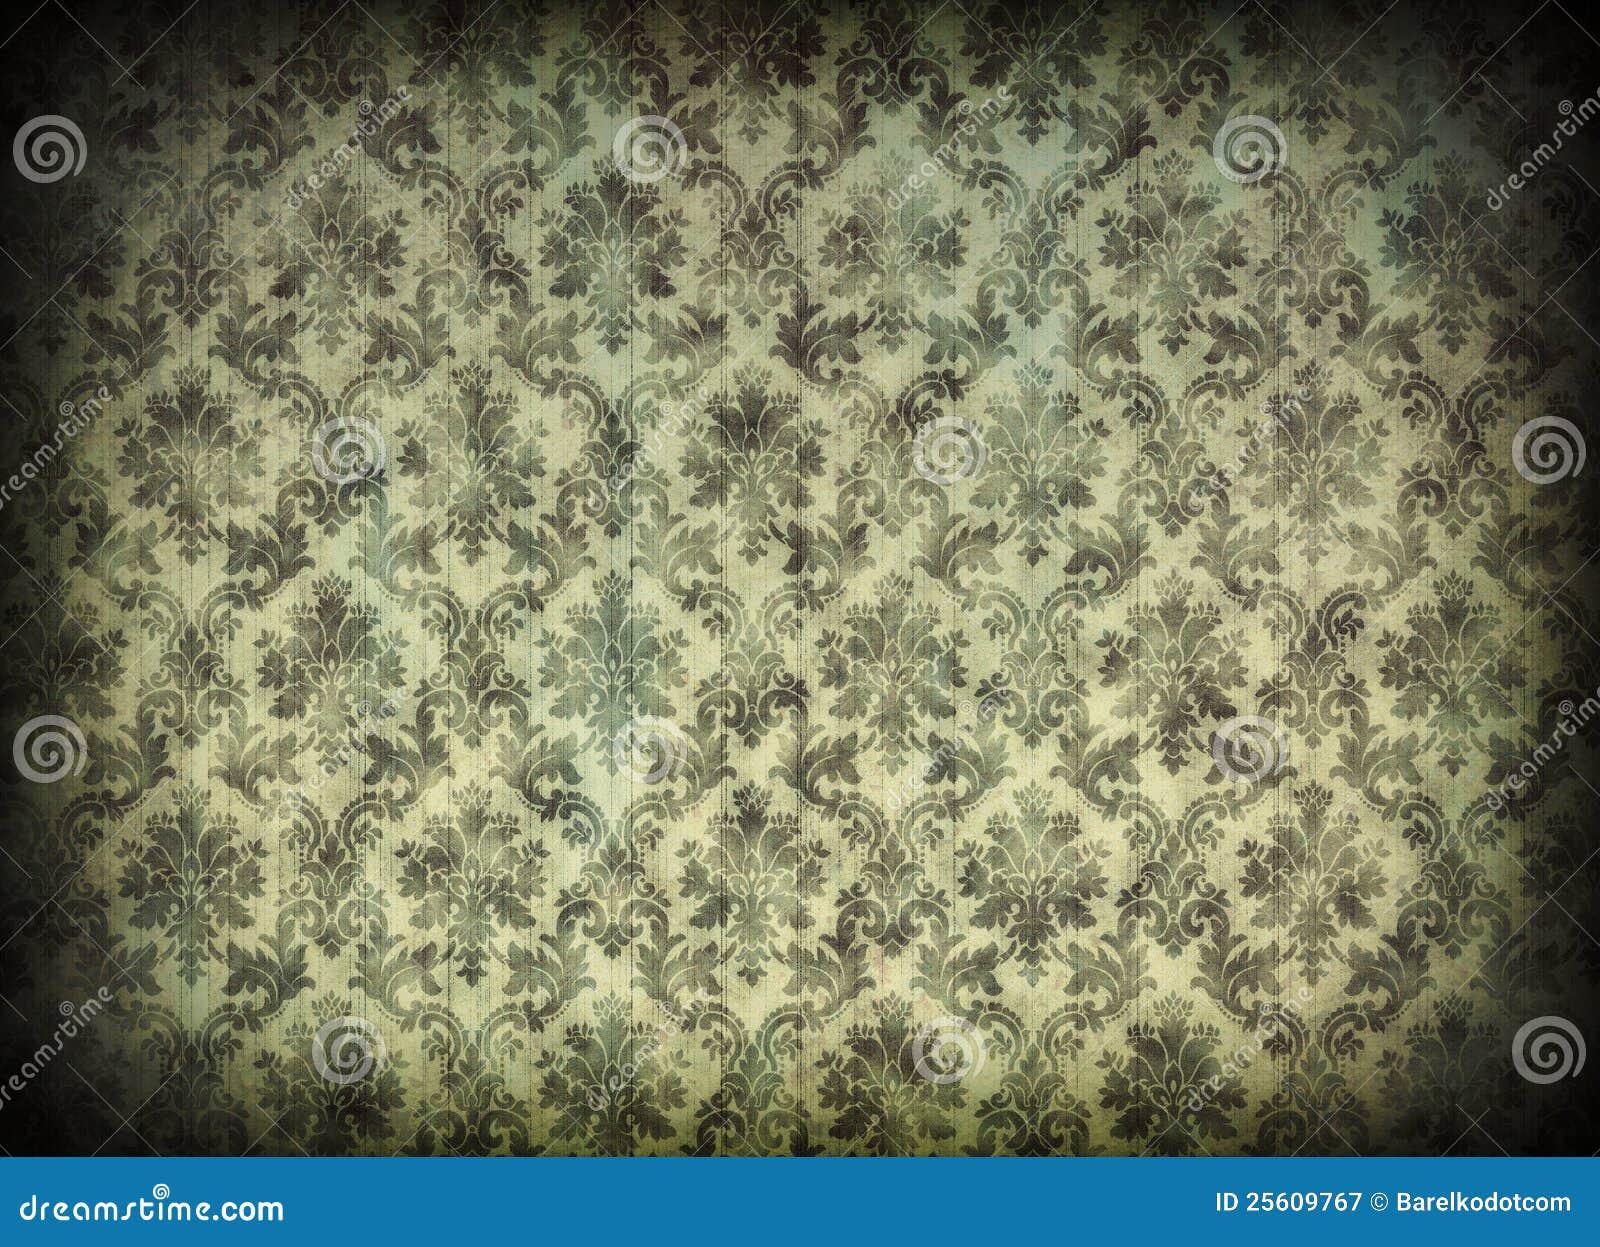 Papel de parede do damasco do vintage